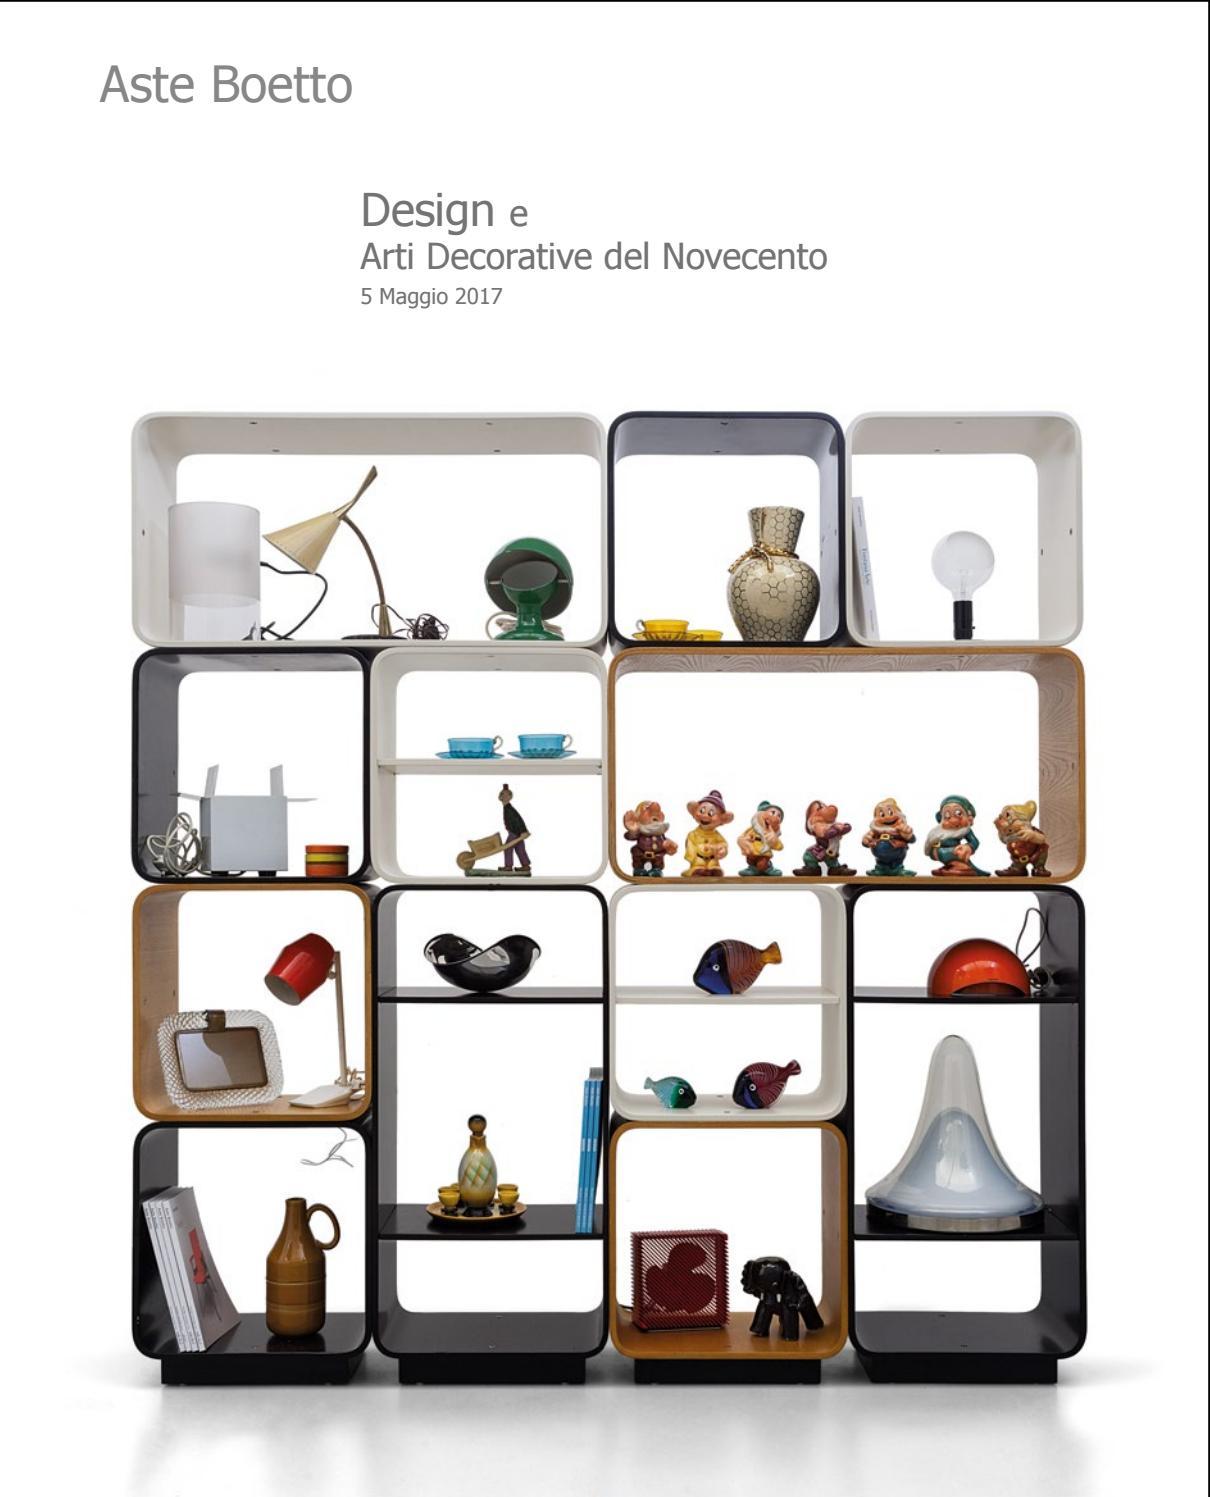 Libreria Trieste Enzo Mari arti decorative del novecento by aste boetto - issuu